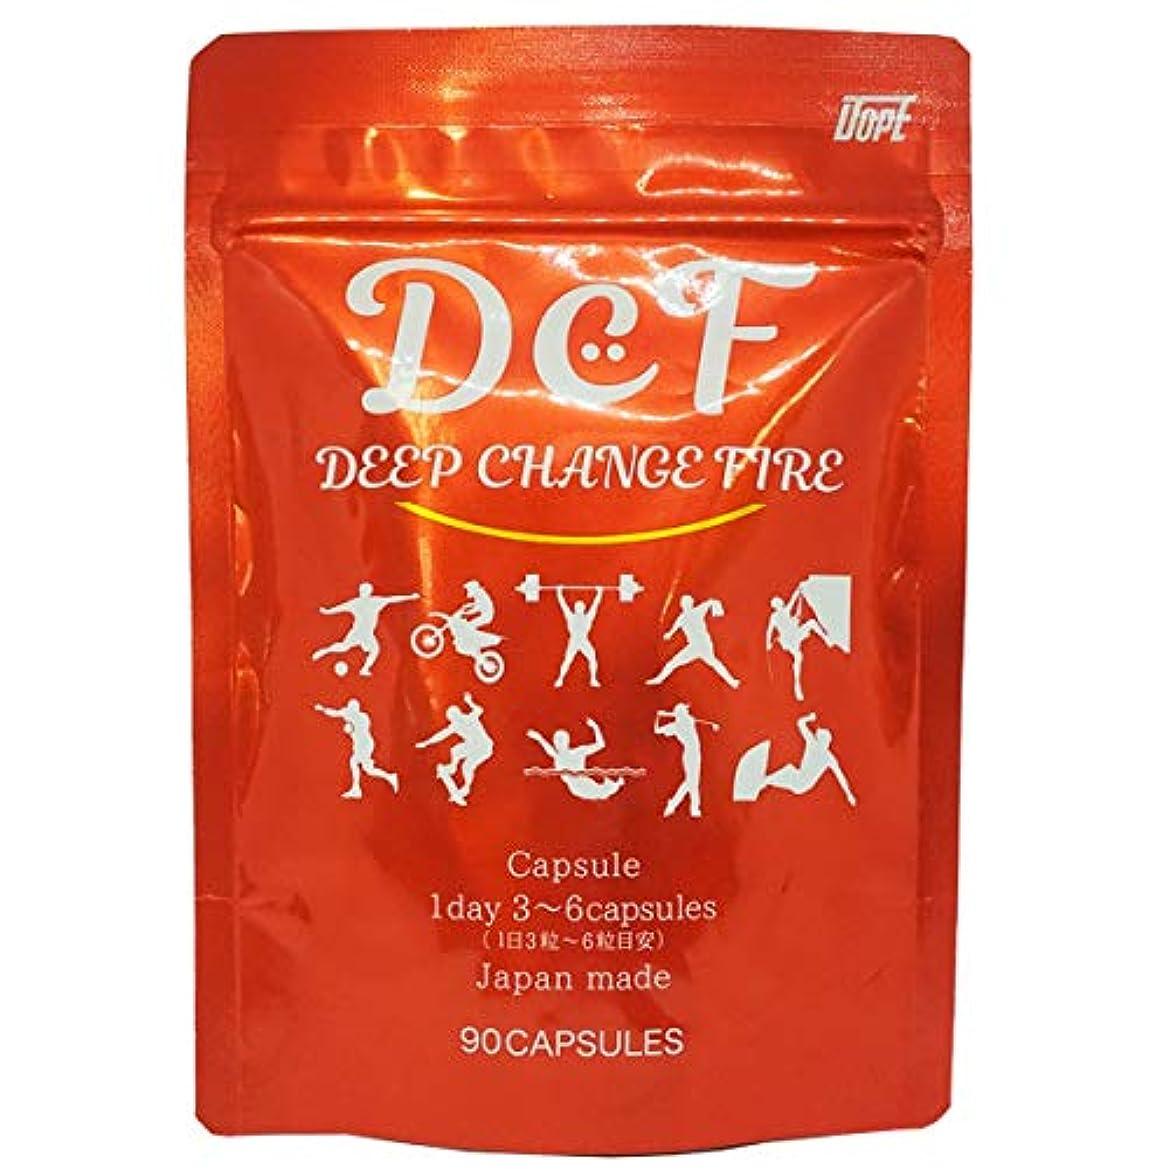 最初カニ引退するDCF(ディープチェンジファイア) 約30日分/90粒 ★カプサイシン燃焼ダイエット★